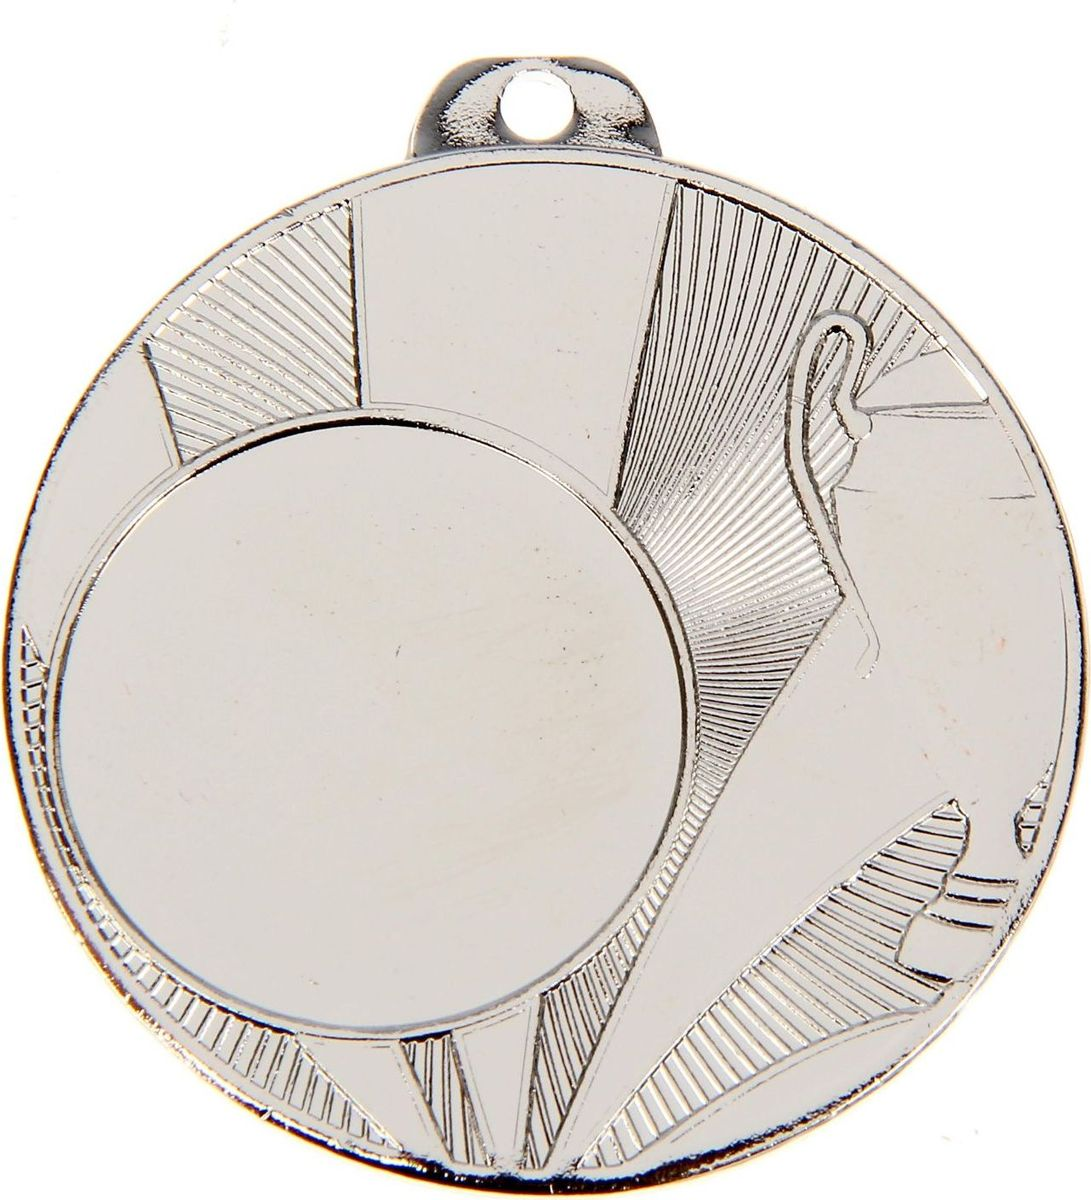 Медаль — знак отличия, которым награждают самых достойных. Она вручается лишь тем, кто проявил настойчивость и волю к победе. Каждое достижение — это важное событие, которое должно остаться в памяти на долгие годы. Любое спортивное состязание, профессиональное или среди любителей, любое корпоративное мероприятие — отличный повод для того, чтобы отметить лучших из лучших. Характеристики:  Диаметр медали: 4,5 см Диаметр вкладыша (лицо): 2,5 см Диаметр вкладыша (оборот): 4 см. Пусть любая победа будет отмечена соответствующей наградой!